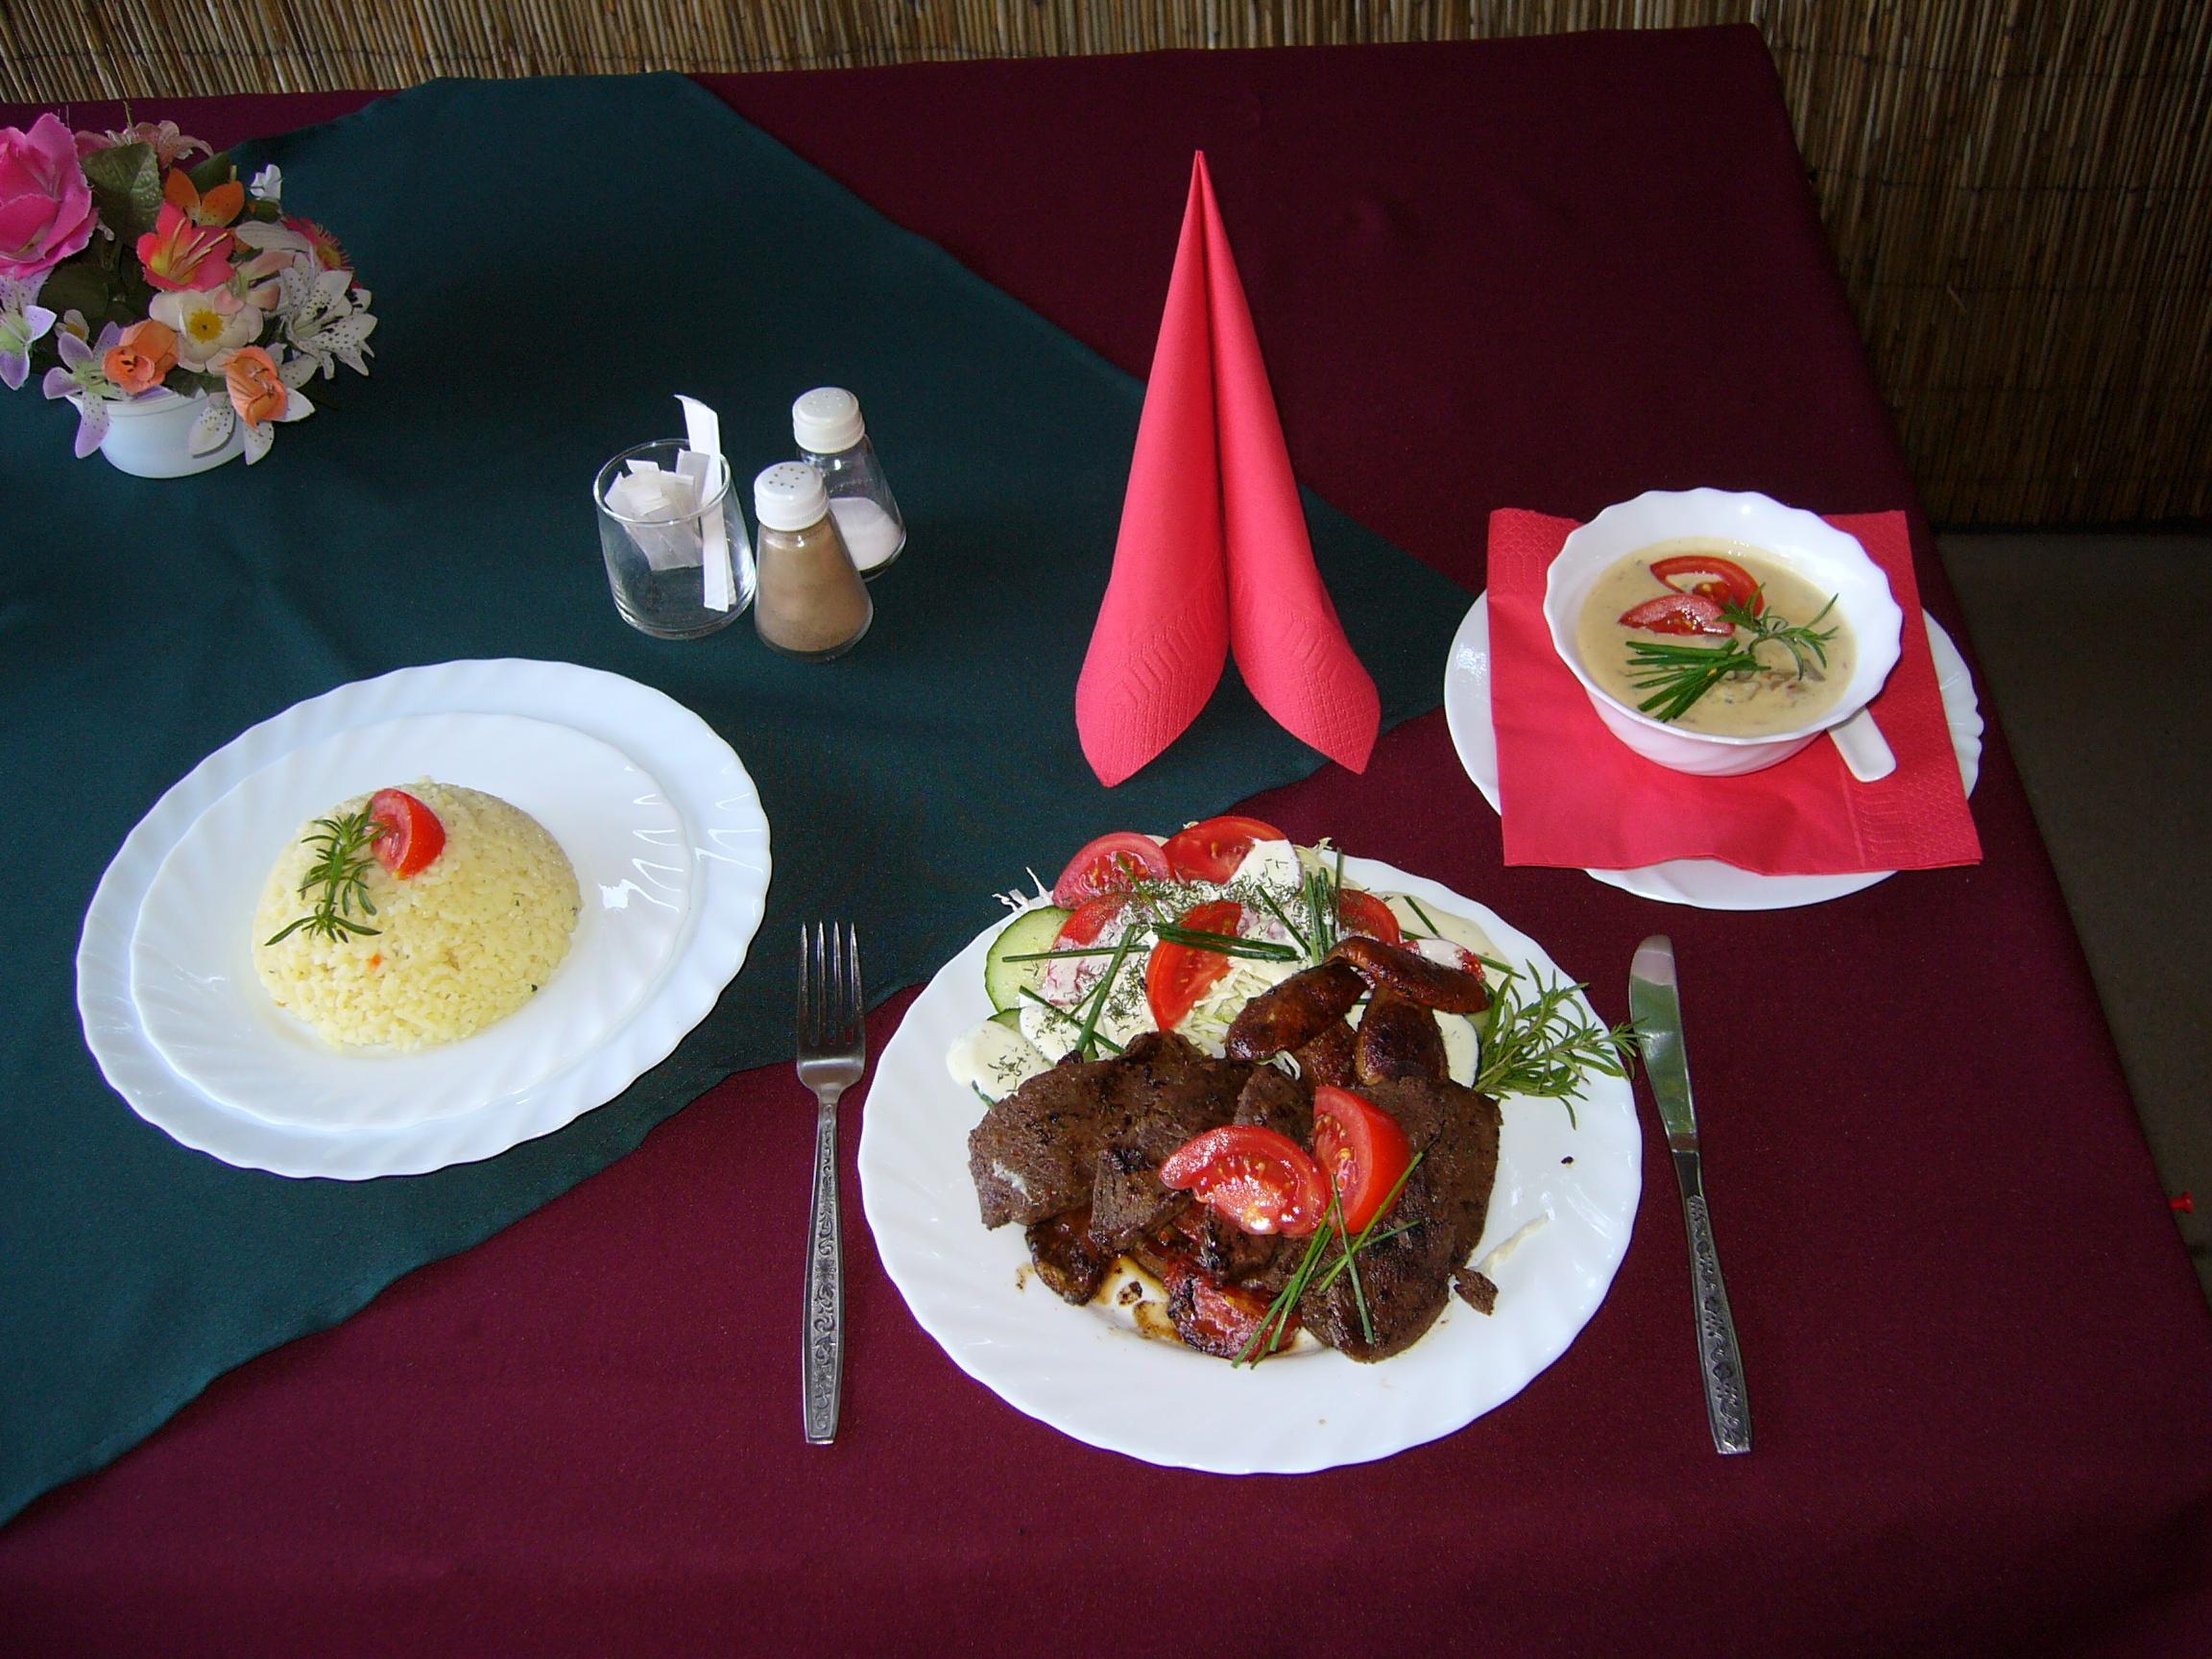 Grillezett struccfilé vargányával , és illatos füvekkel,rizs körettel és tejszínes snidling mártással